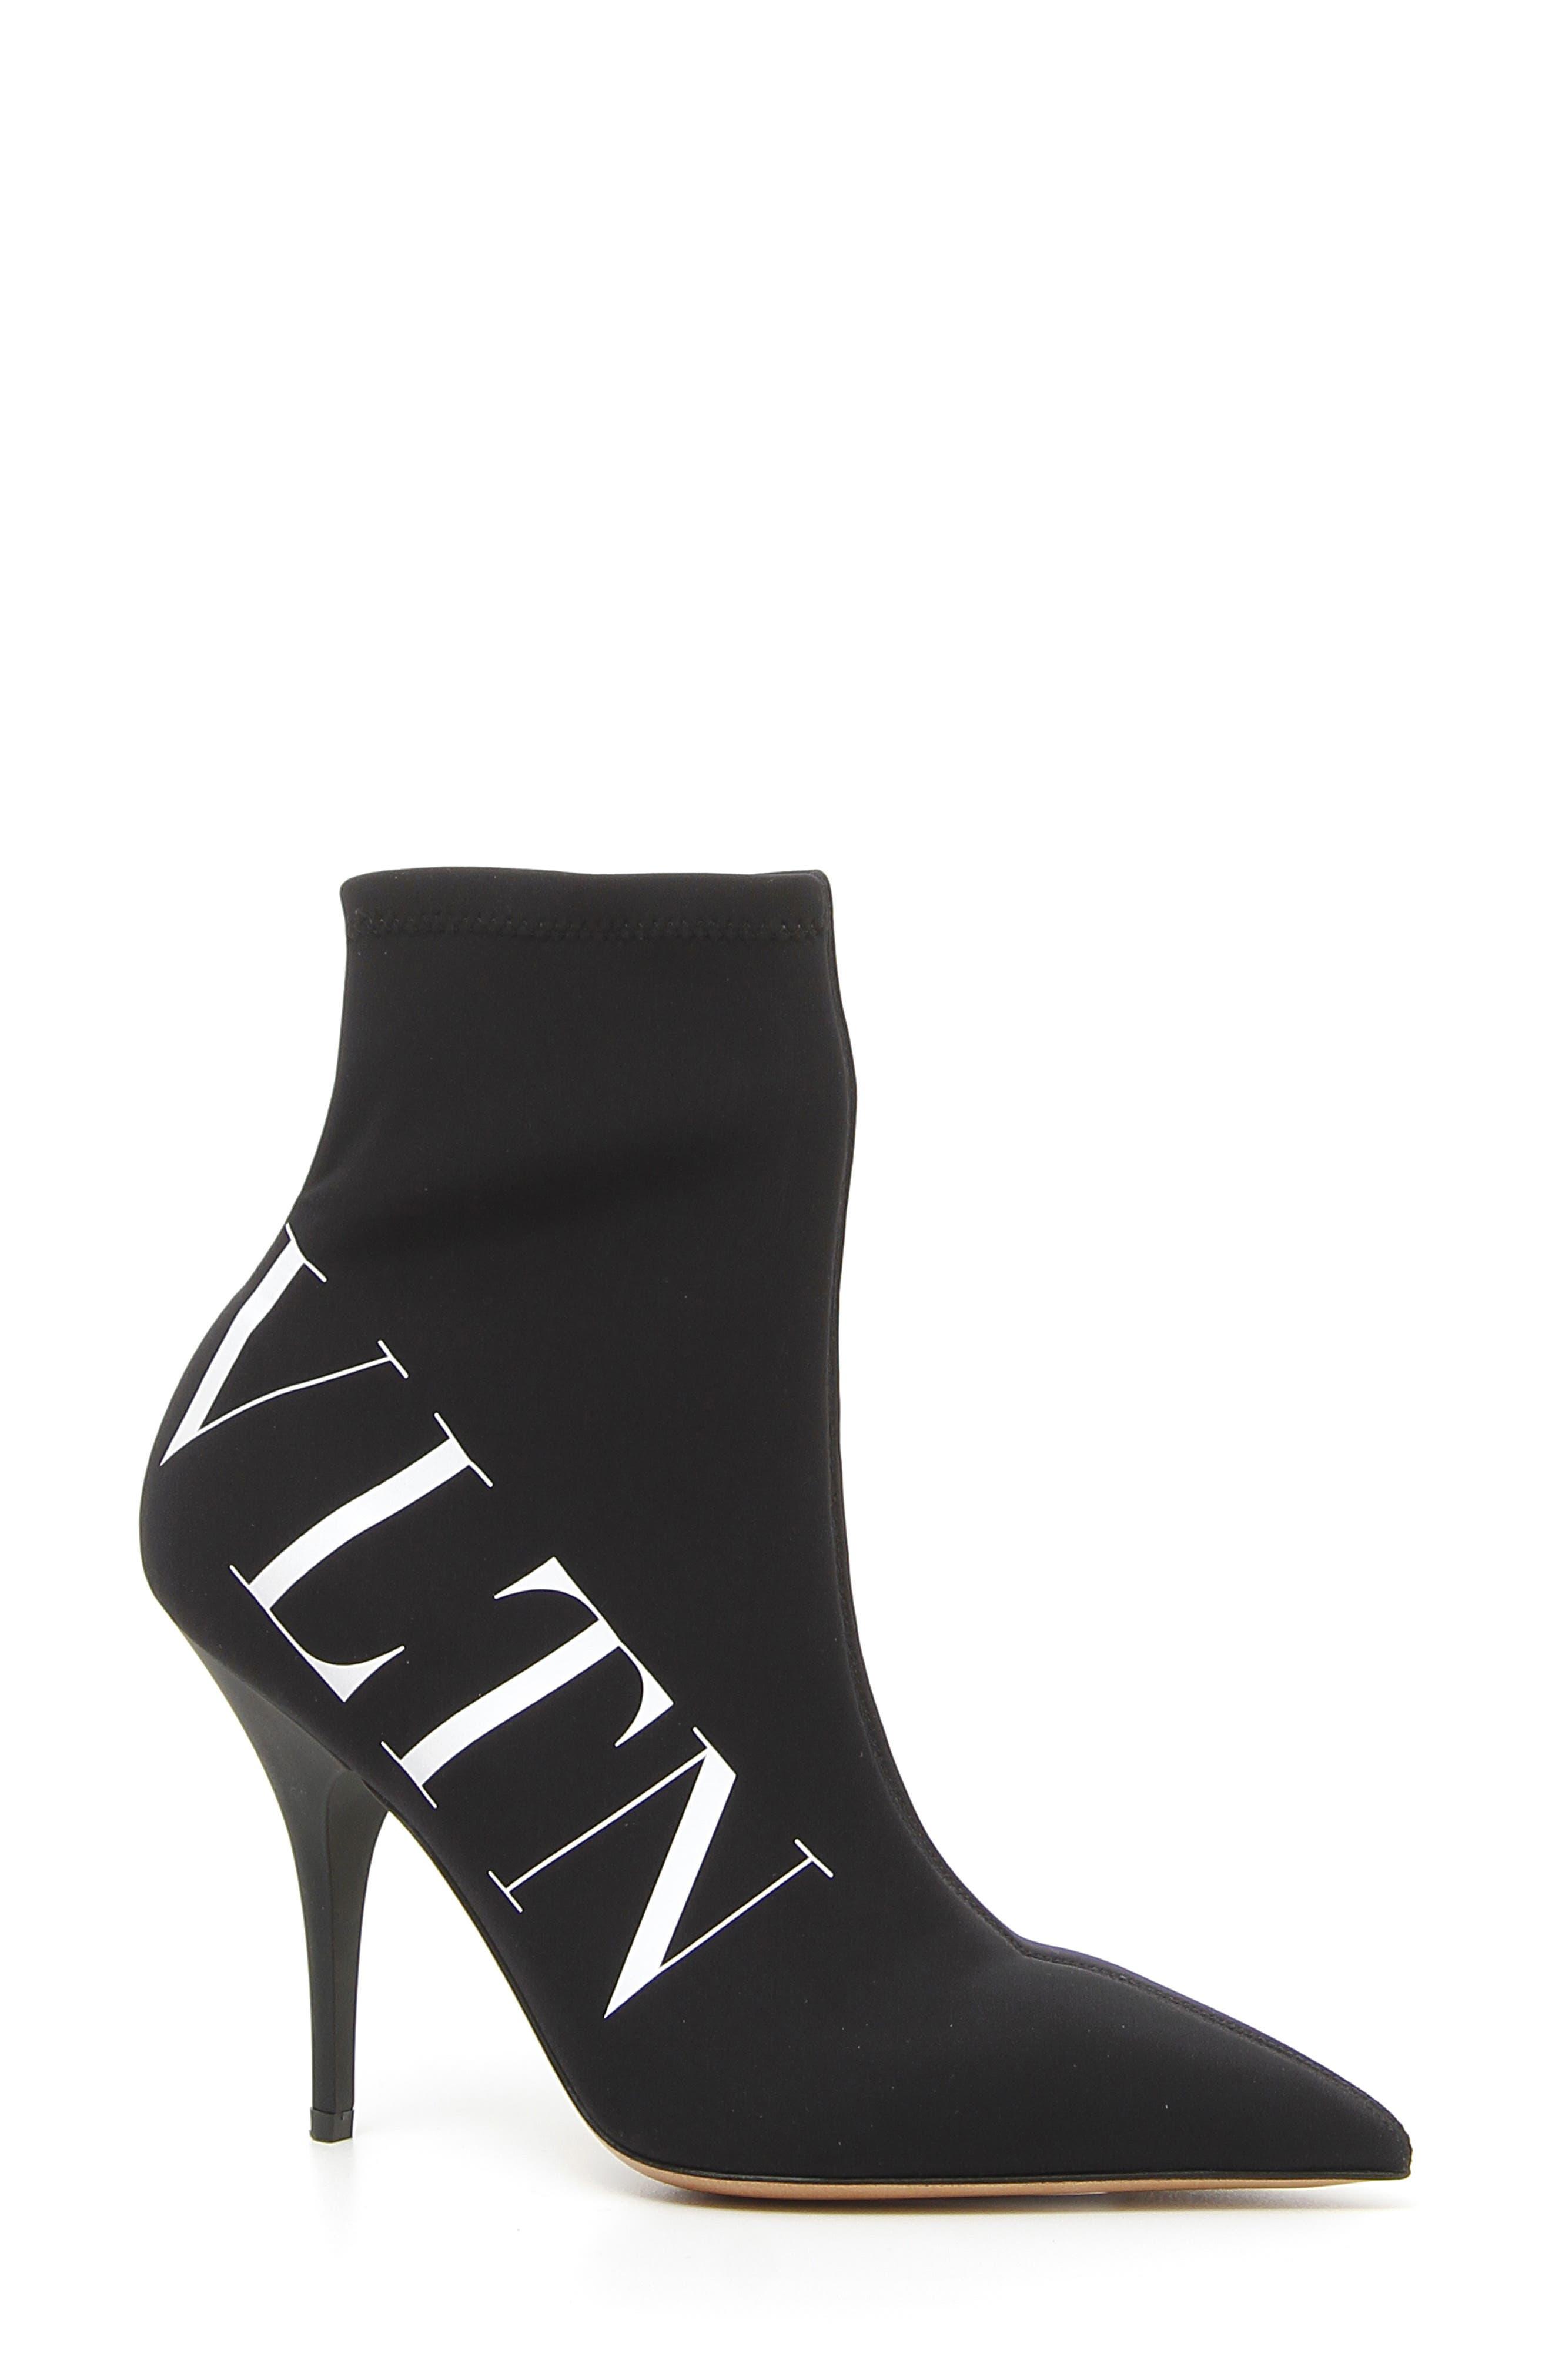 e14fda7a9ad valentino boots